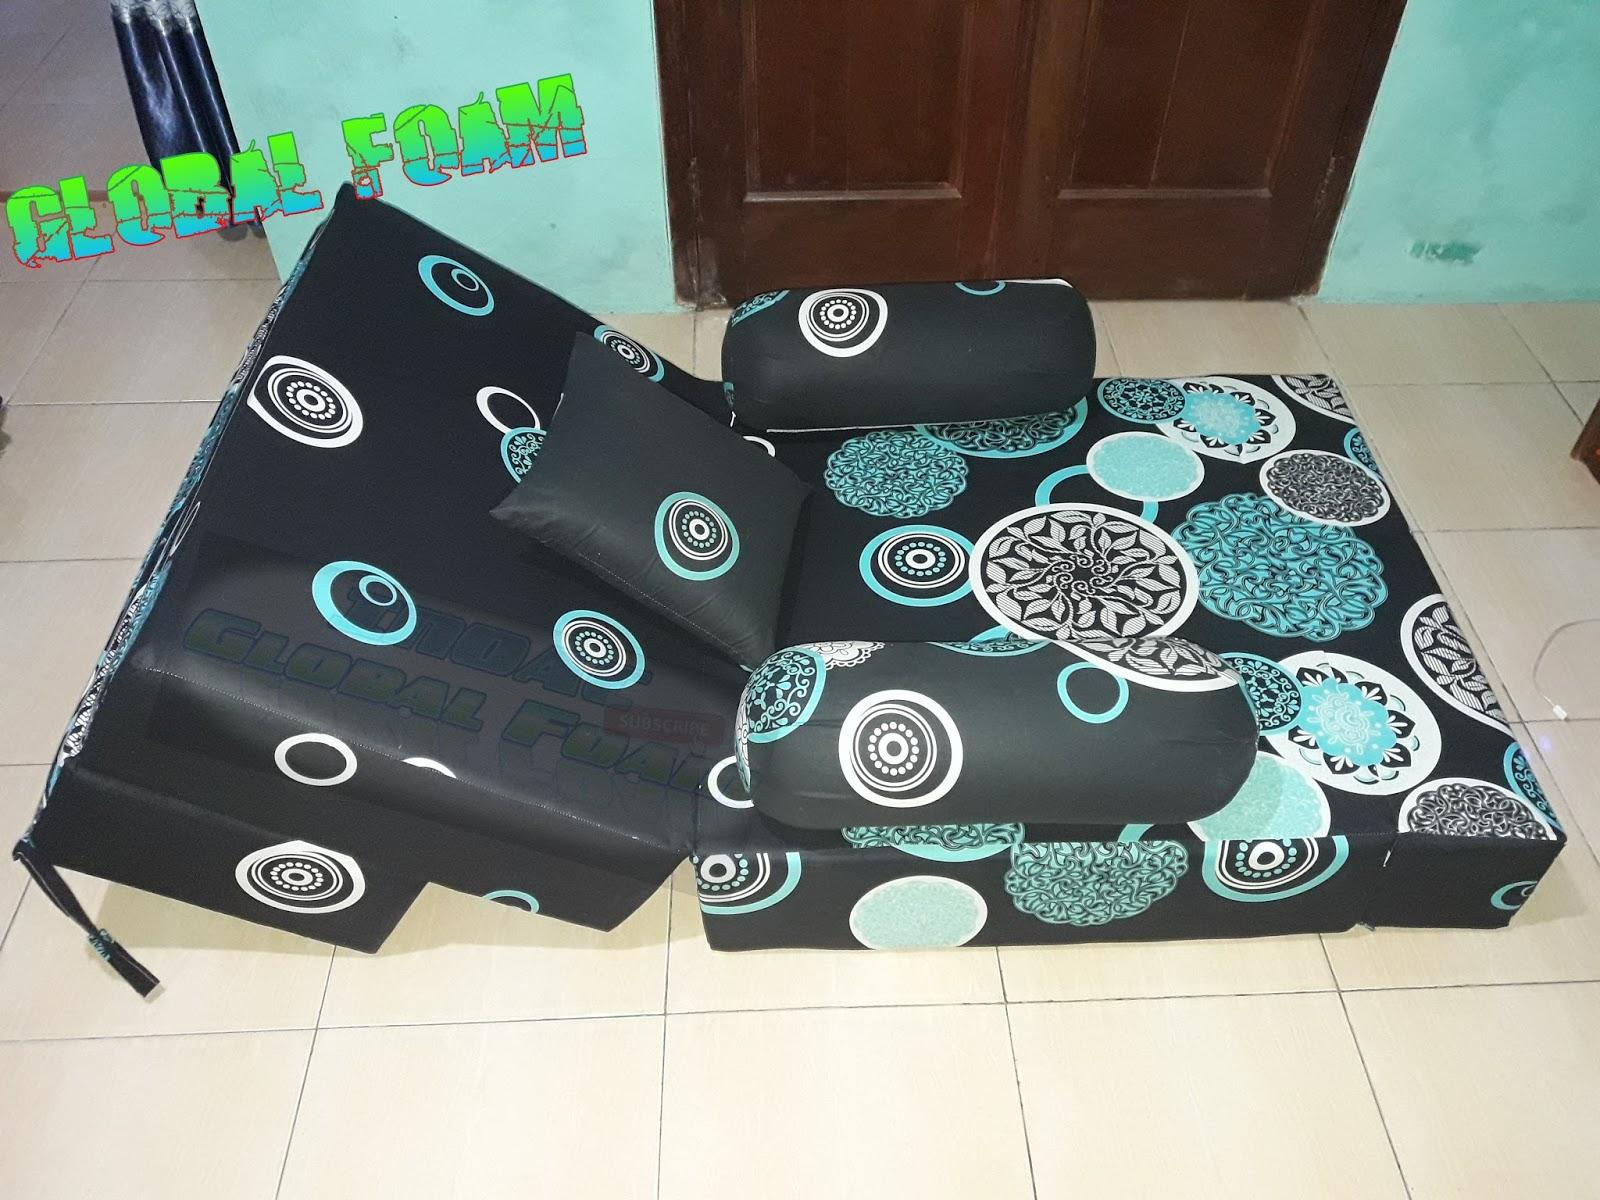 Harga Sofa Bed Inoac 2017 Jackson Coronado Kasur 2018 Distributor Dan Agen Resmi